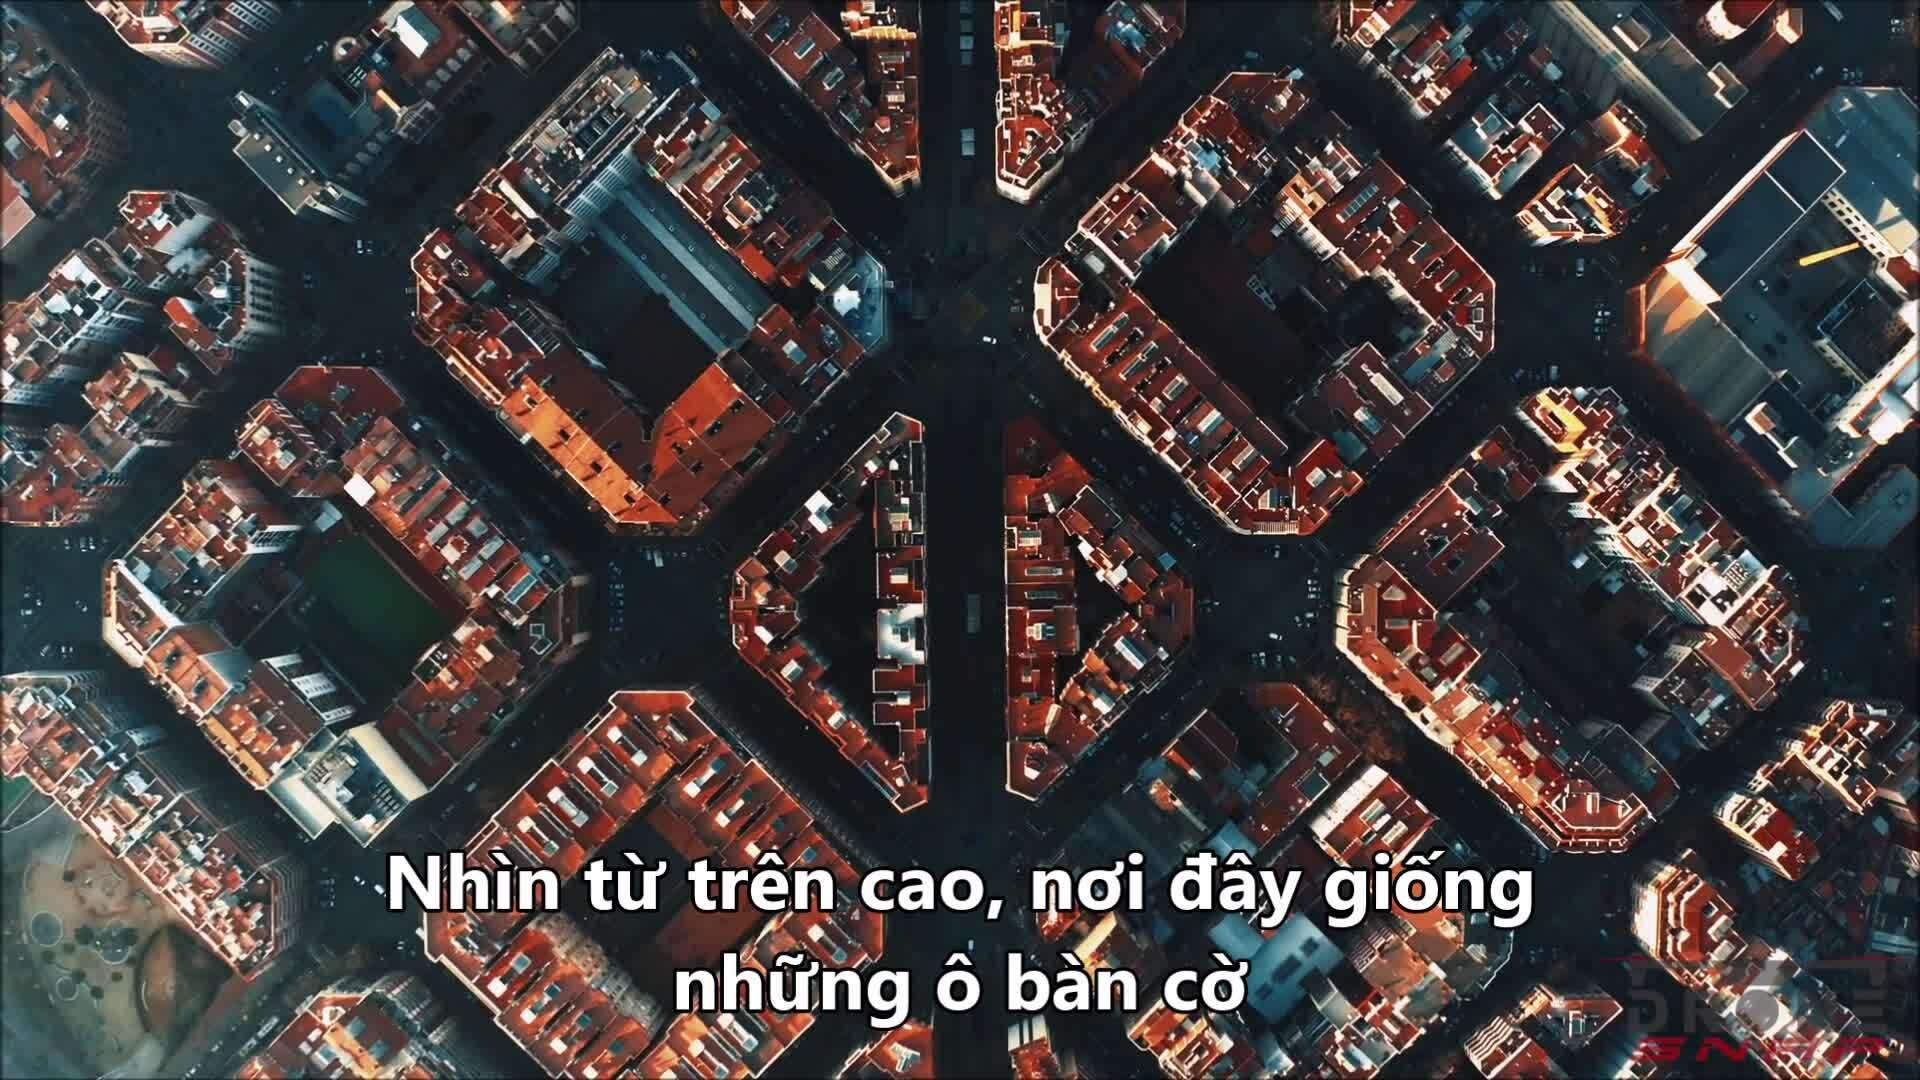 Thành phố 'ô bàn cờ' tại Tây Ban Nha